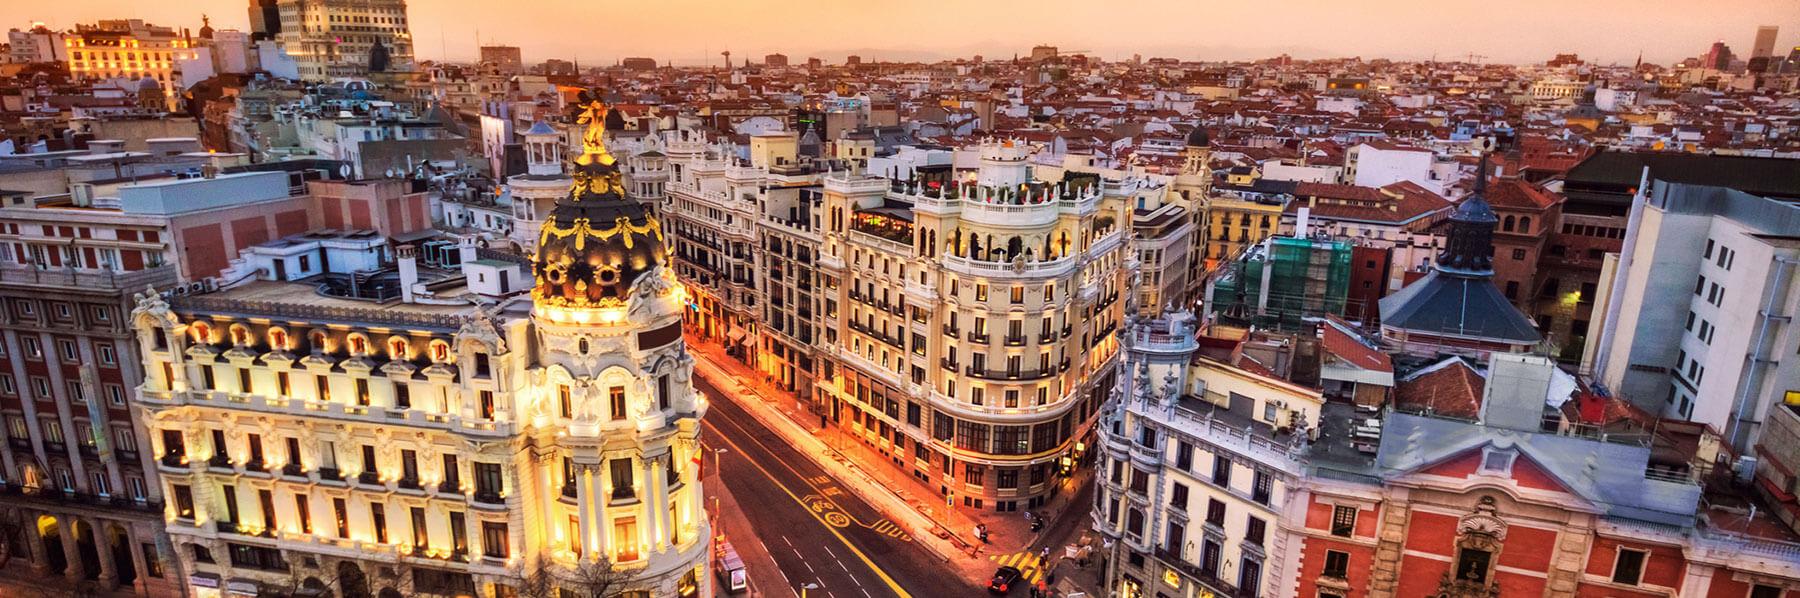 Seminaire en Espagne à Madrid